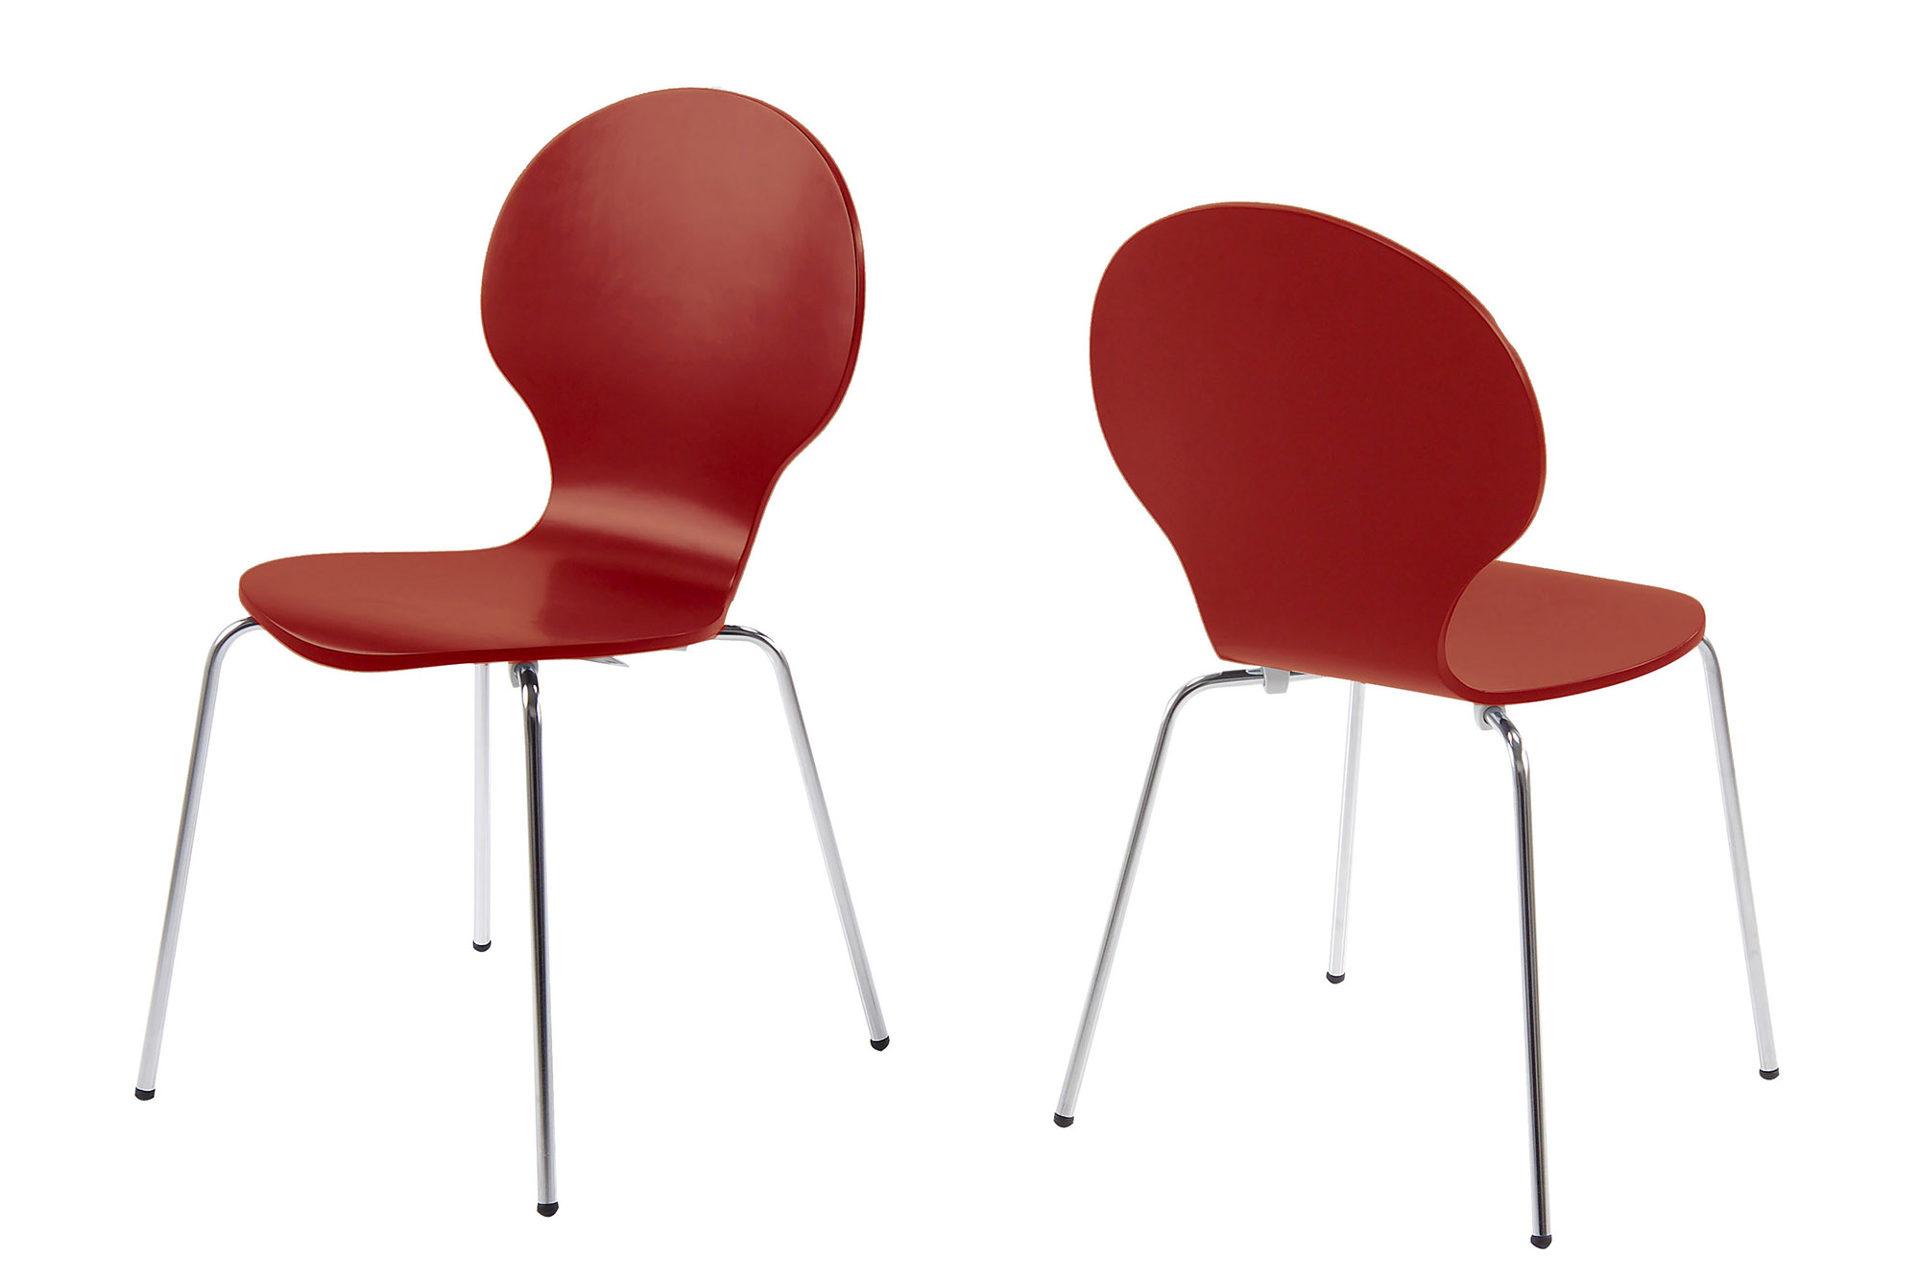 EINRICHTUNGSPARTNERRING, Möbel A-Z, Stühle + Bänke, Schwingstühle ...